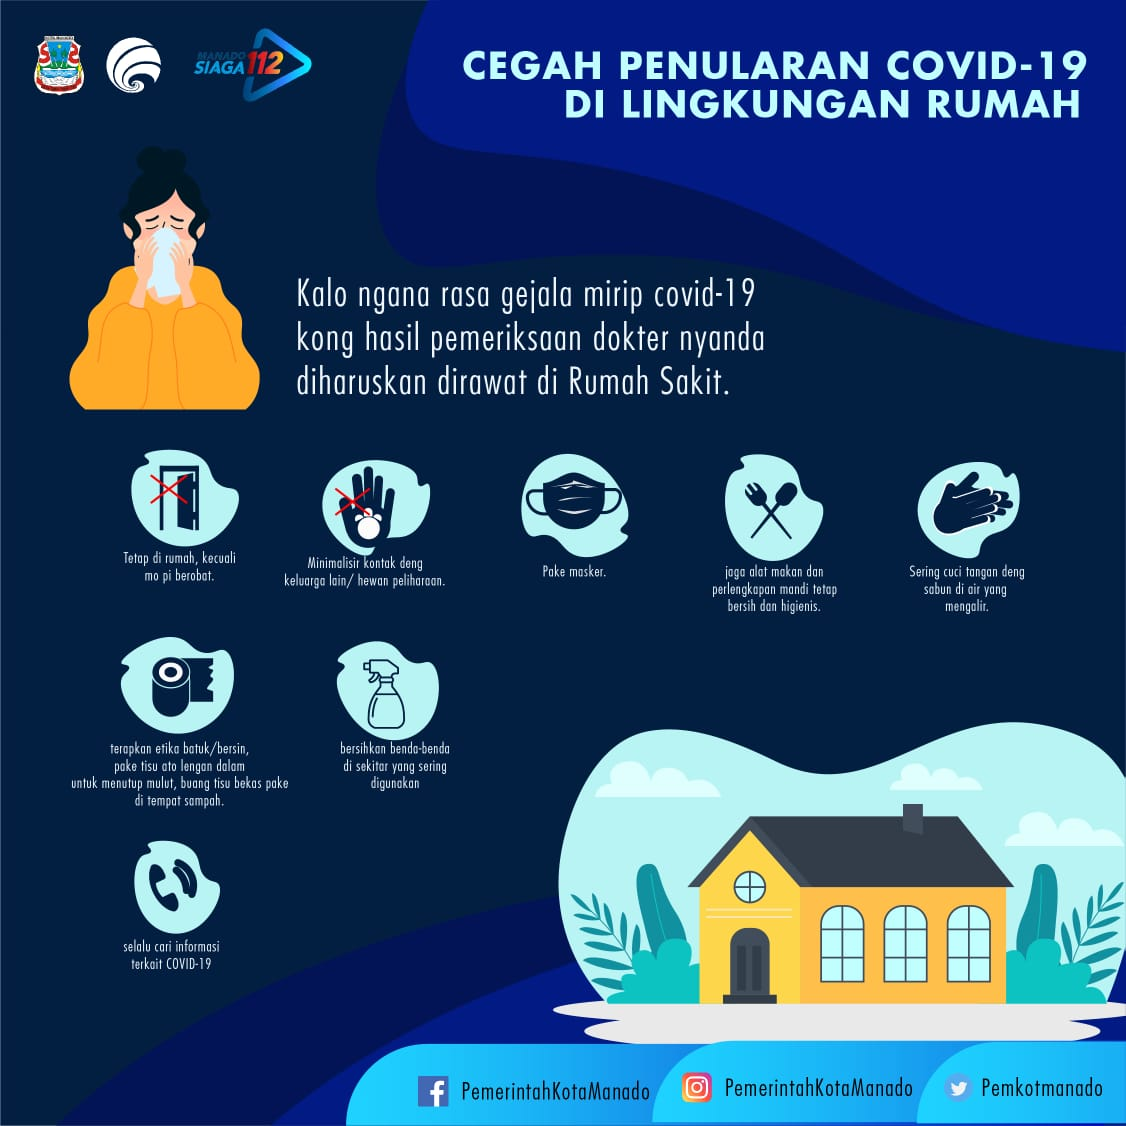 CEGAH PENULARAN COVID-19